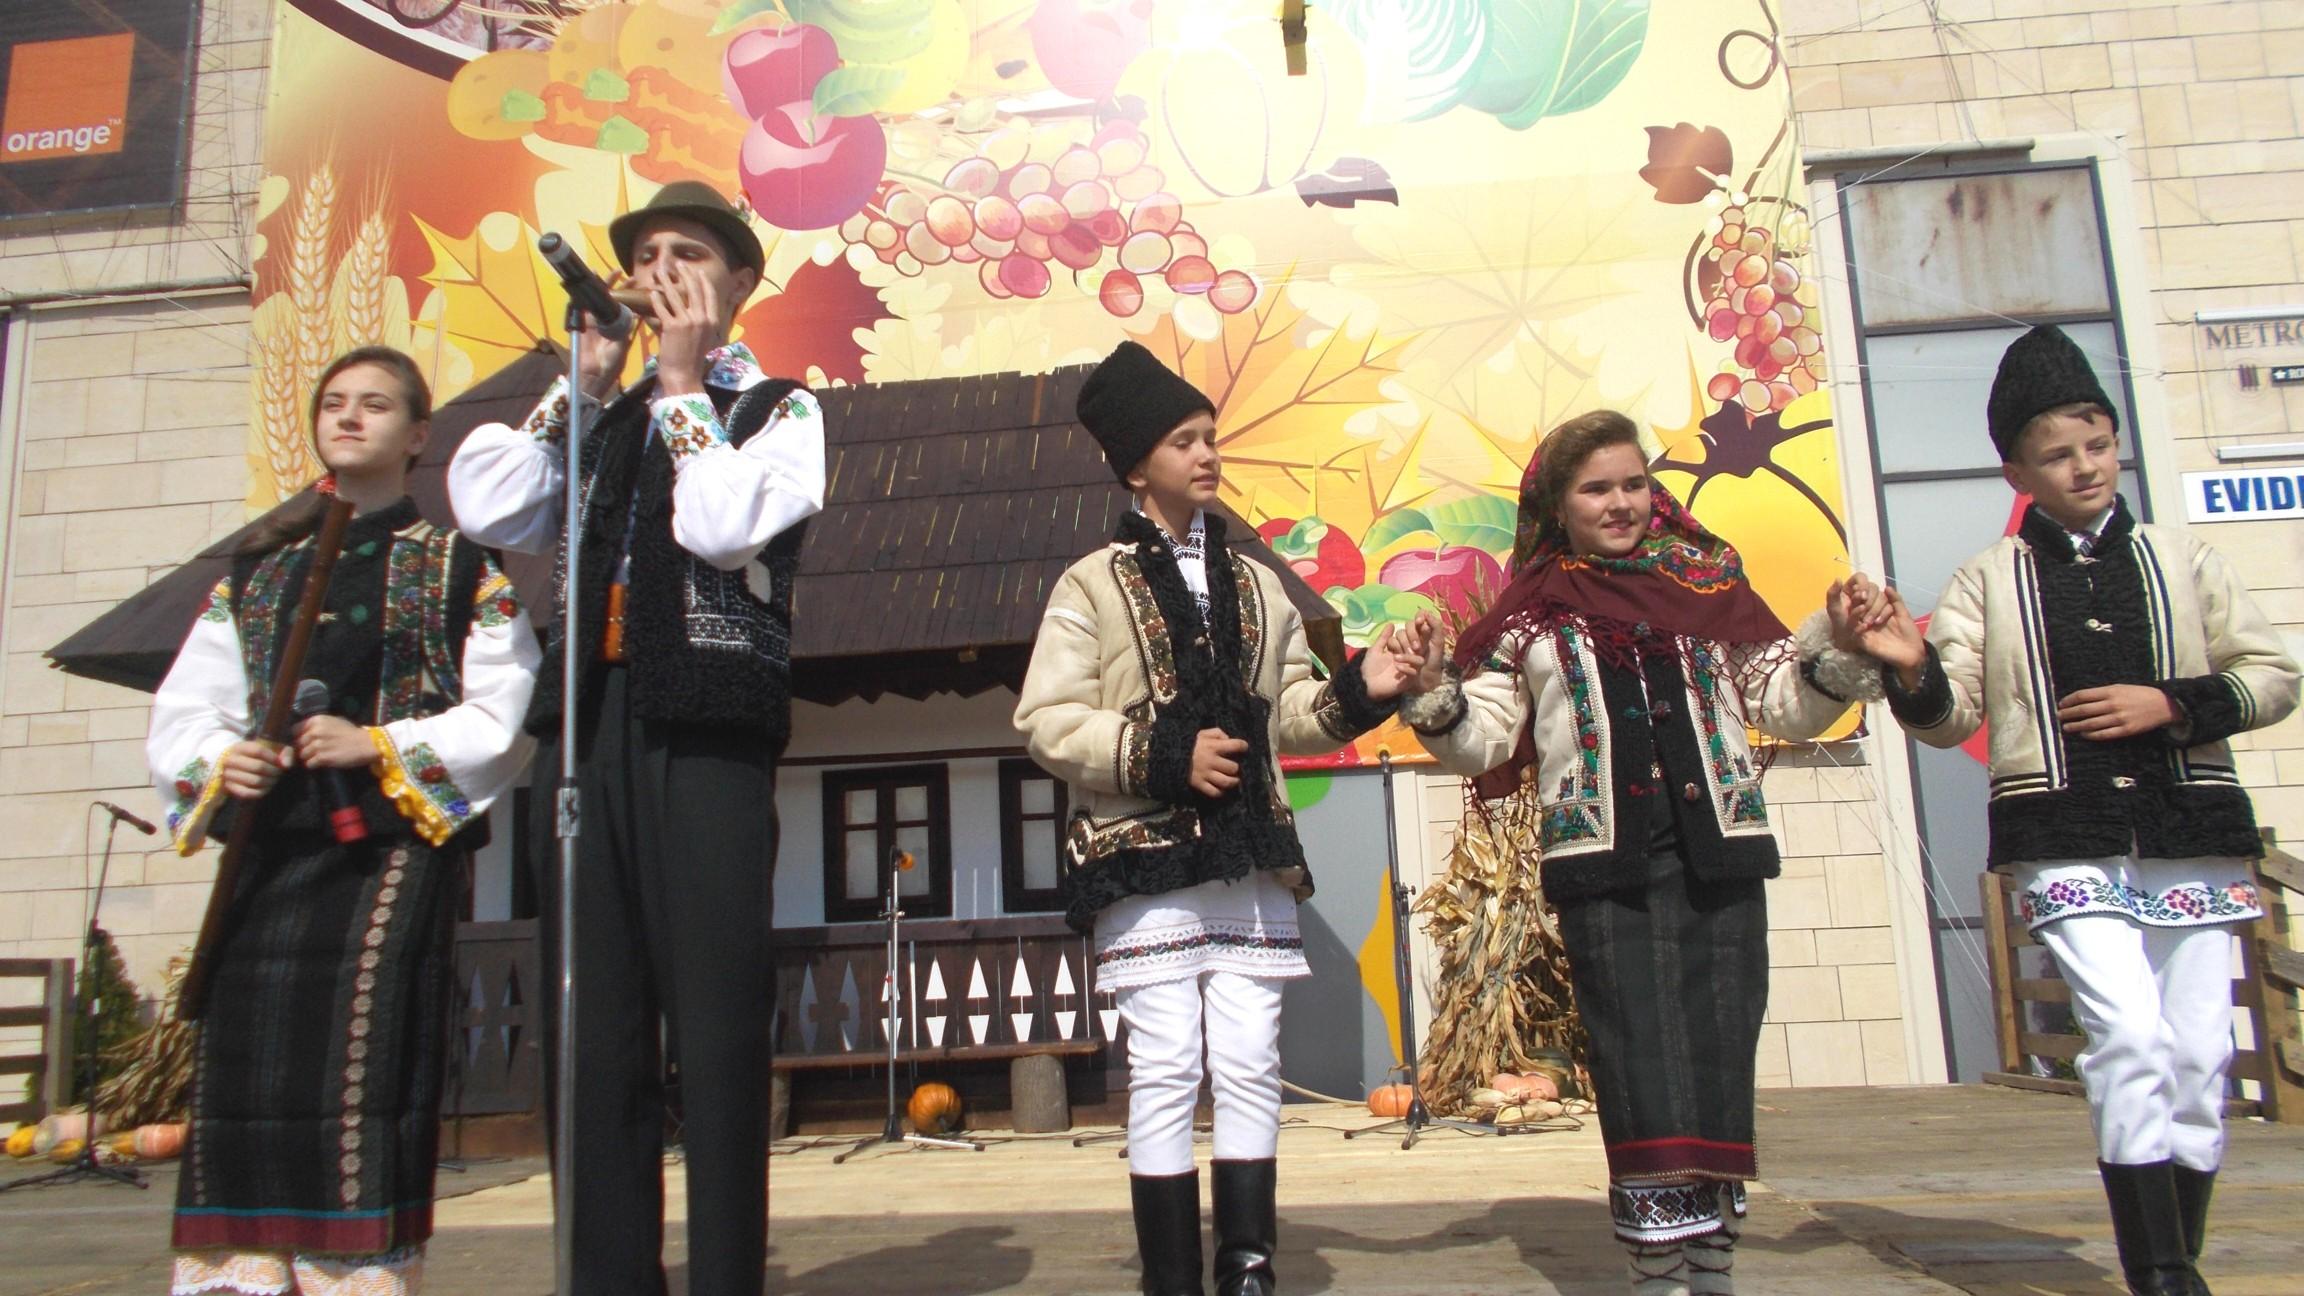 Nicoleta Afrăsânei, Alexandru Cozaciuc, Gabriel Treteag, Petronela Popa şi Ghoerghiţă Plăcintă